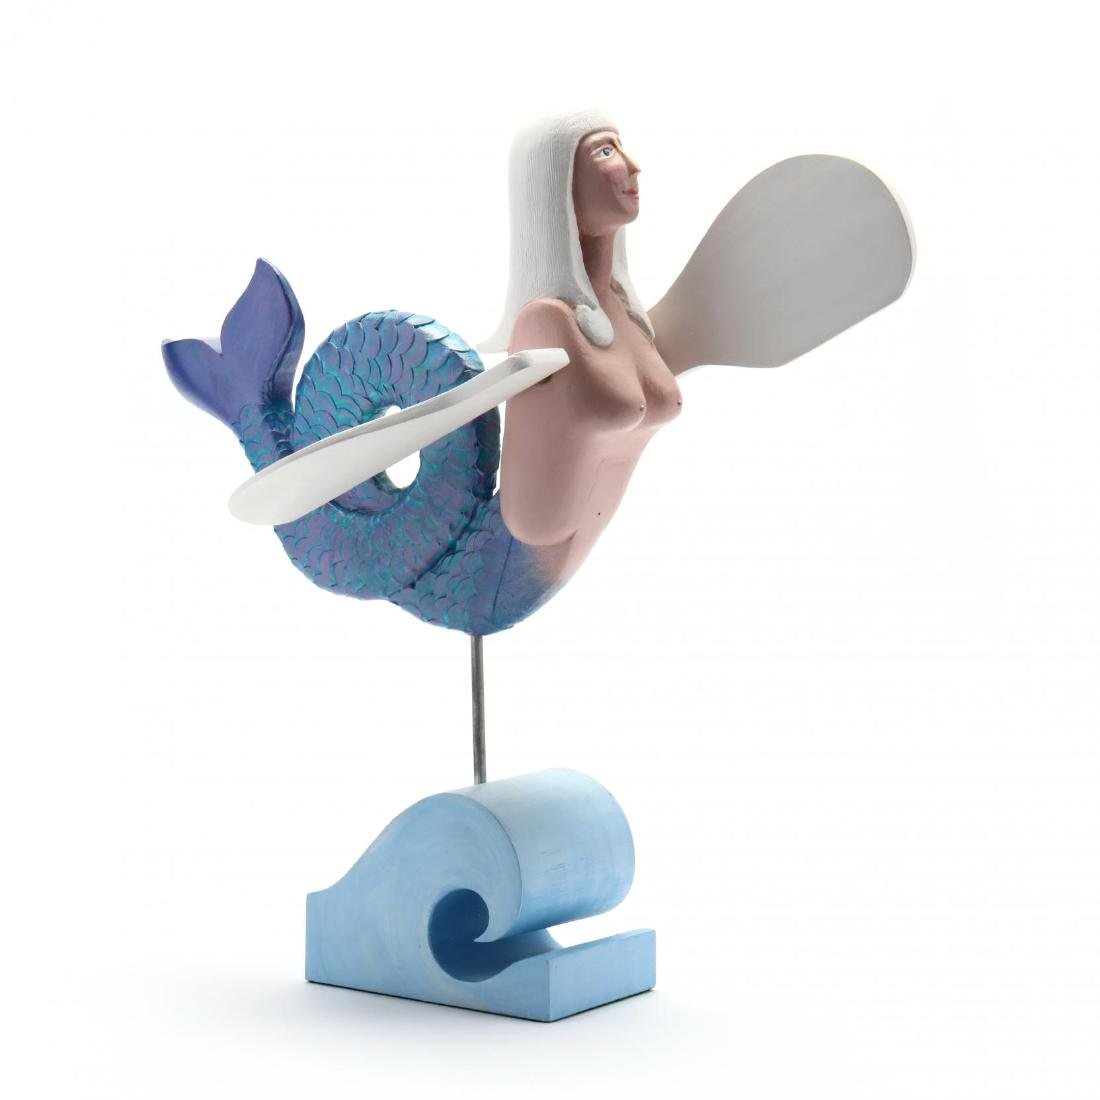 Folk Art Whirligig of a Mermaid, Nicolas Arena